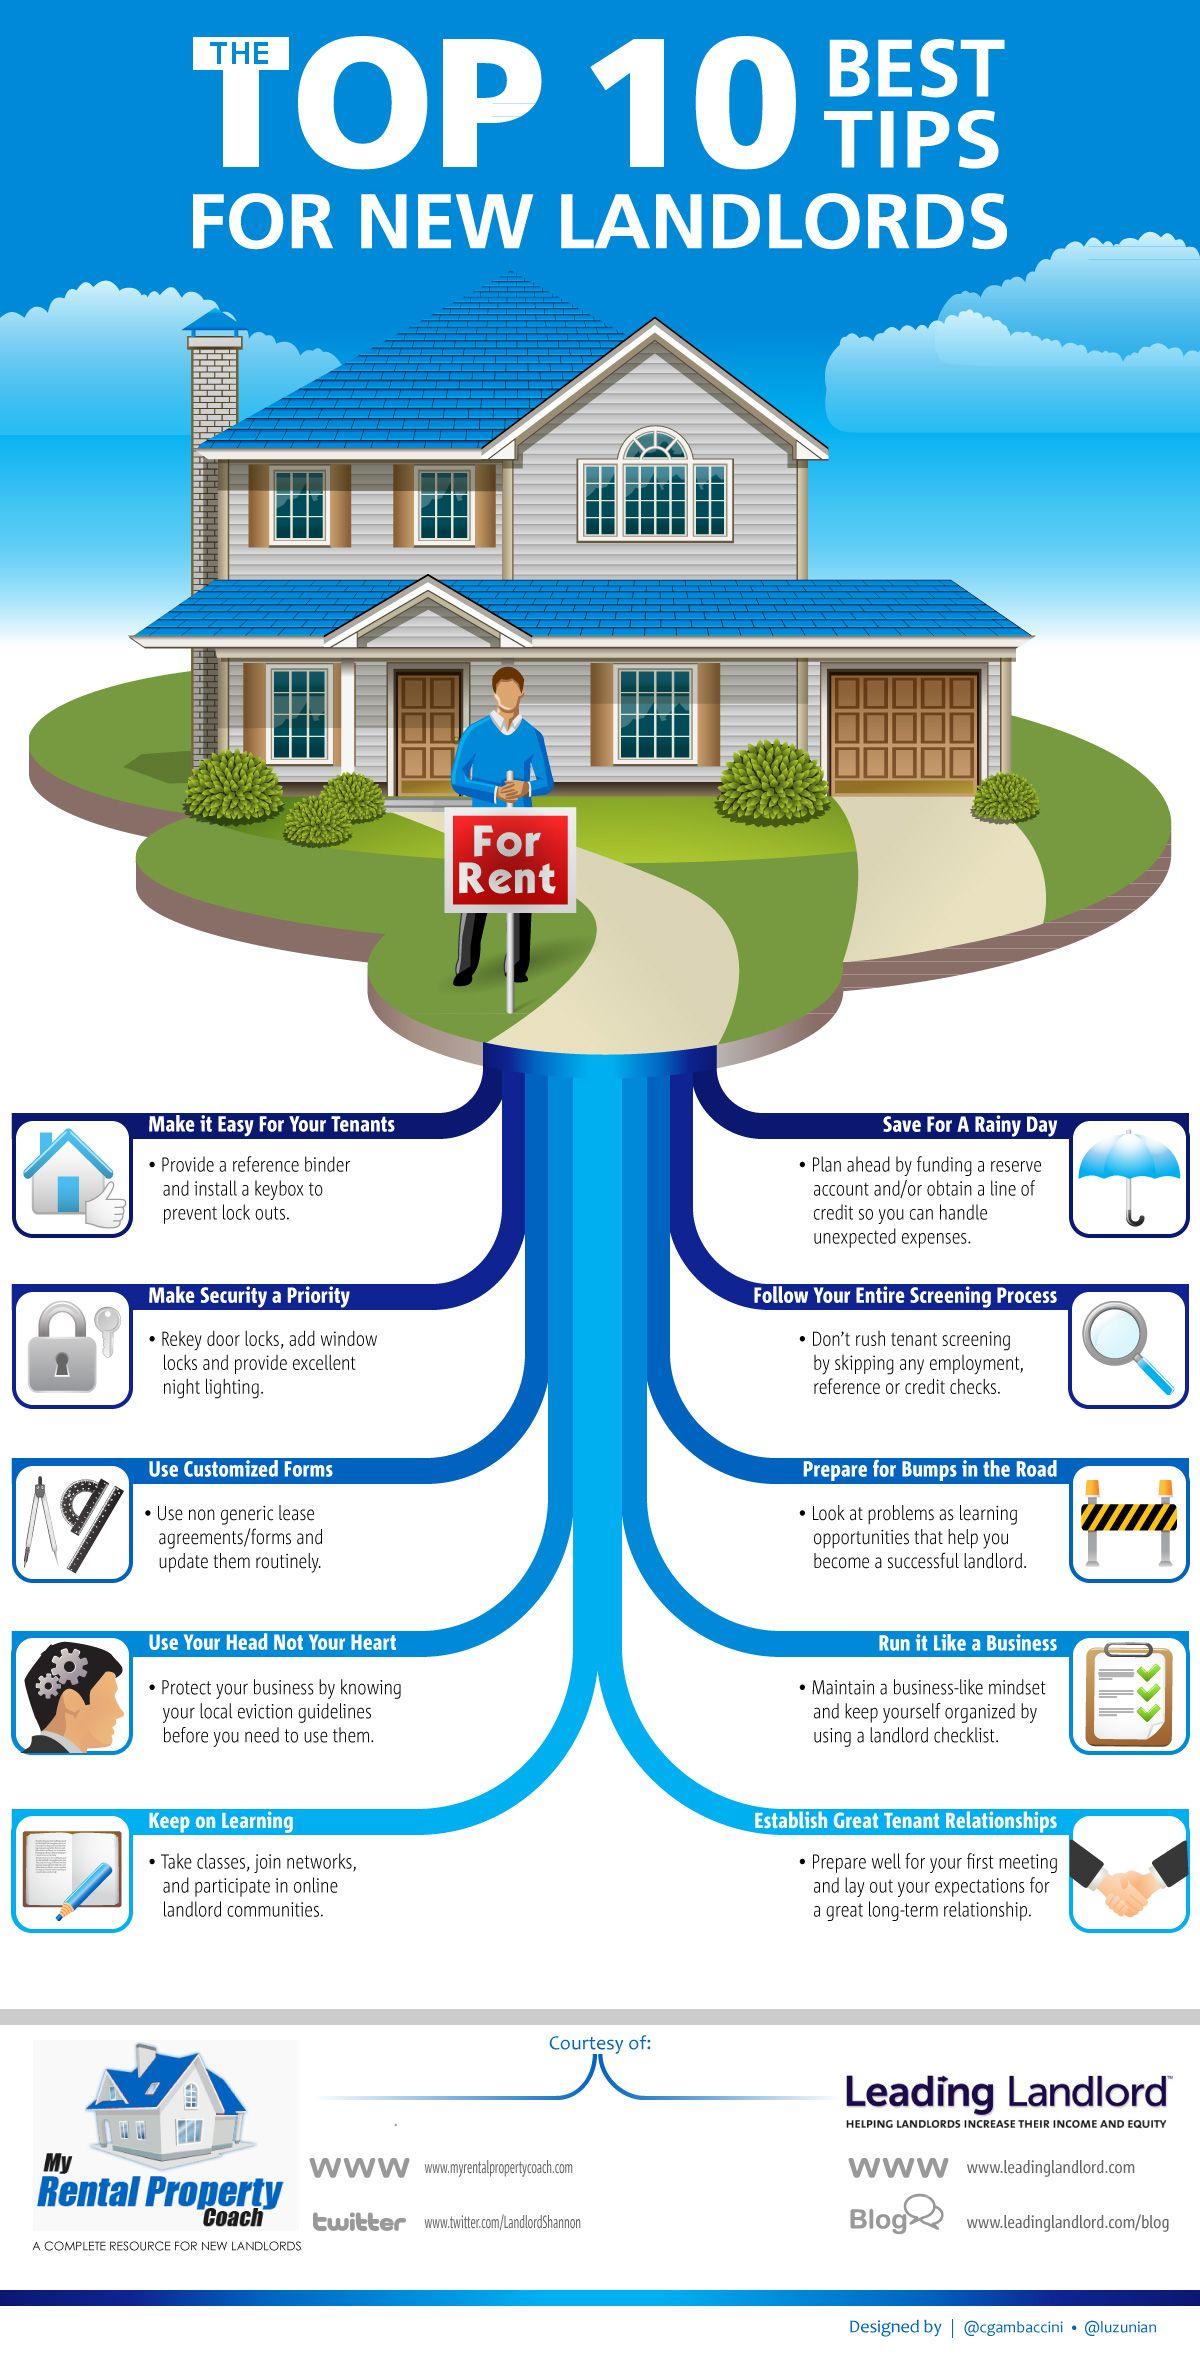 Real Estate Rental Property Management Tips